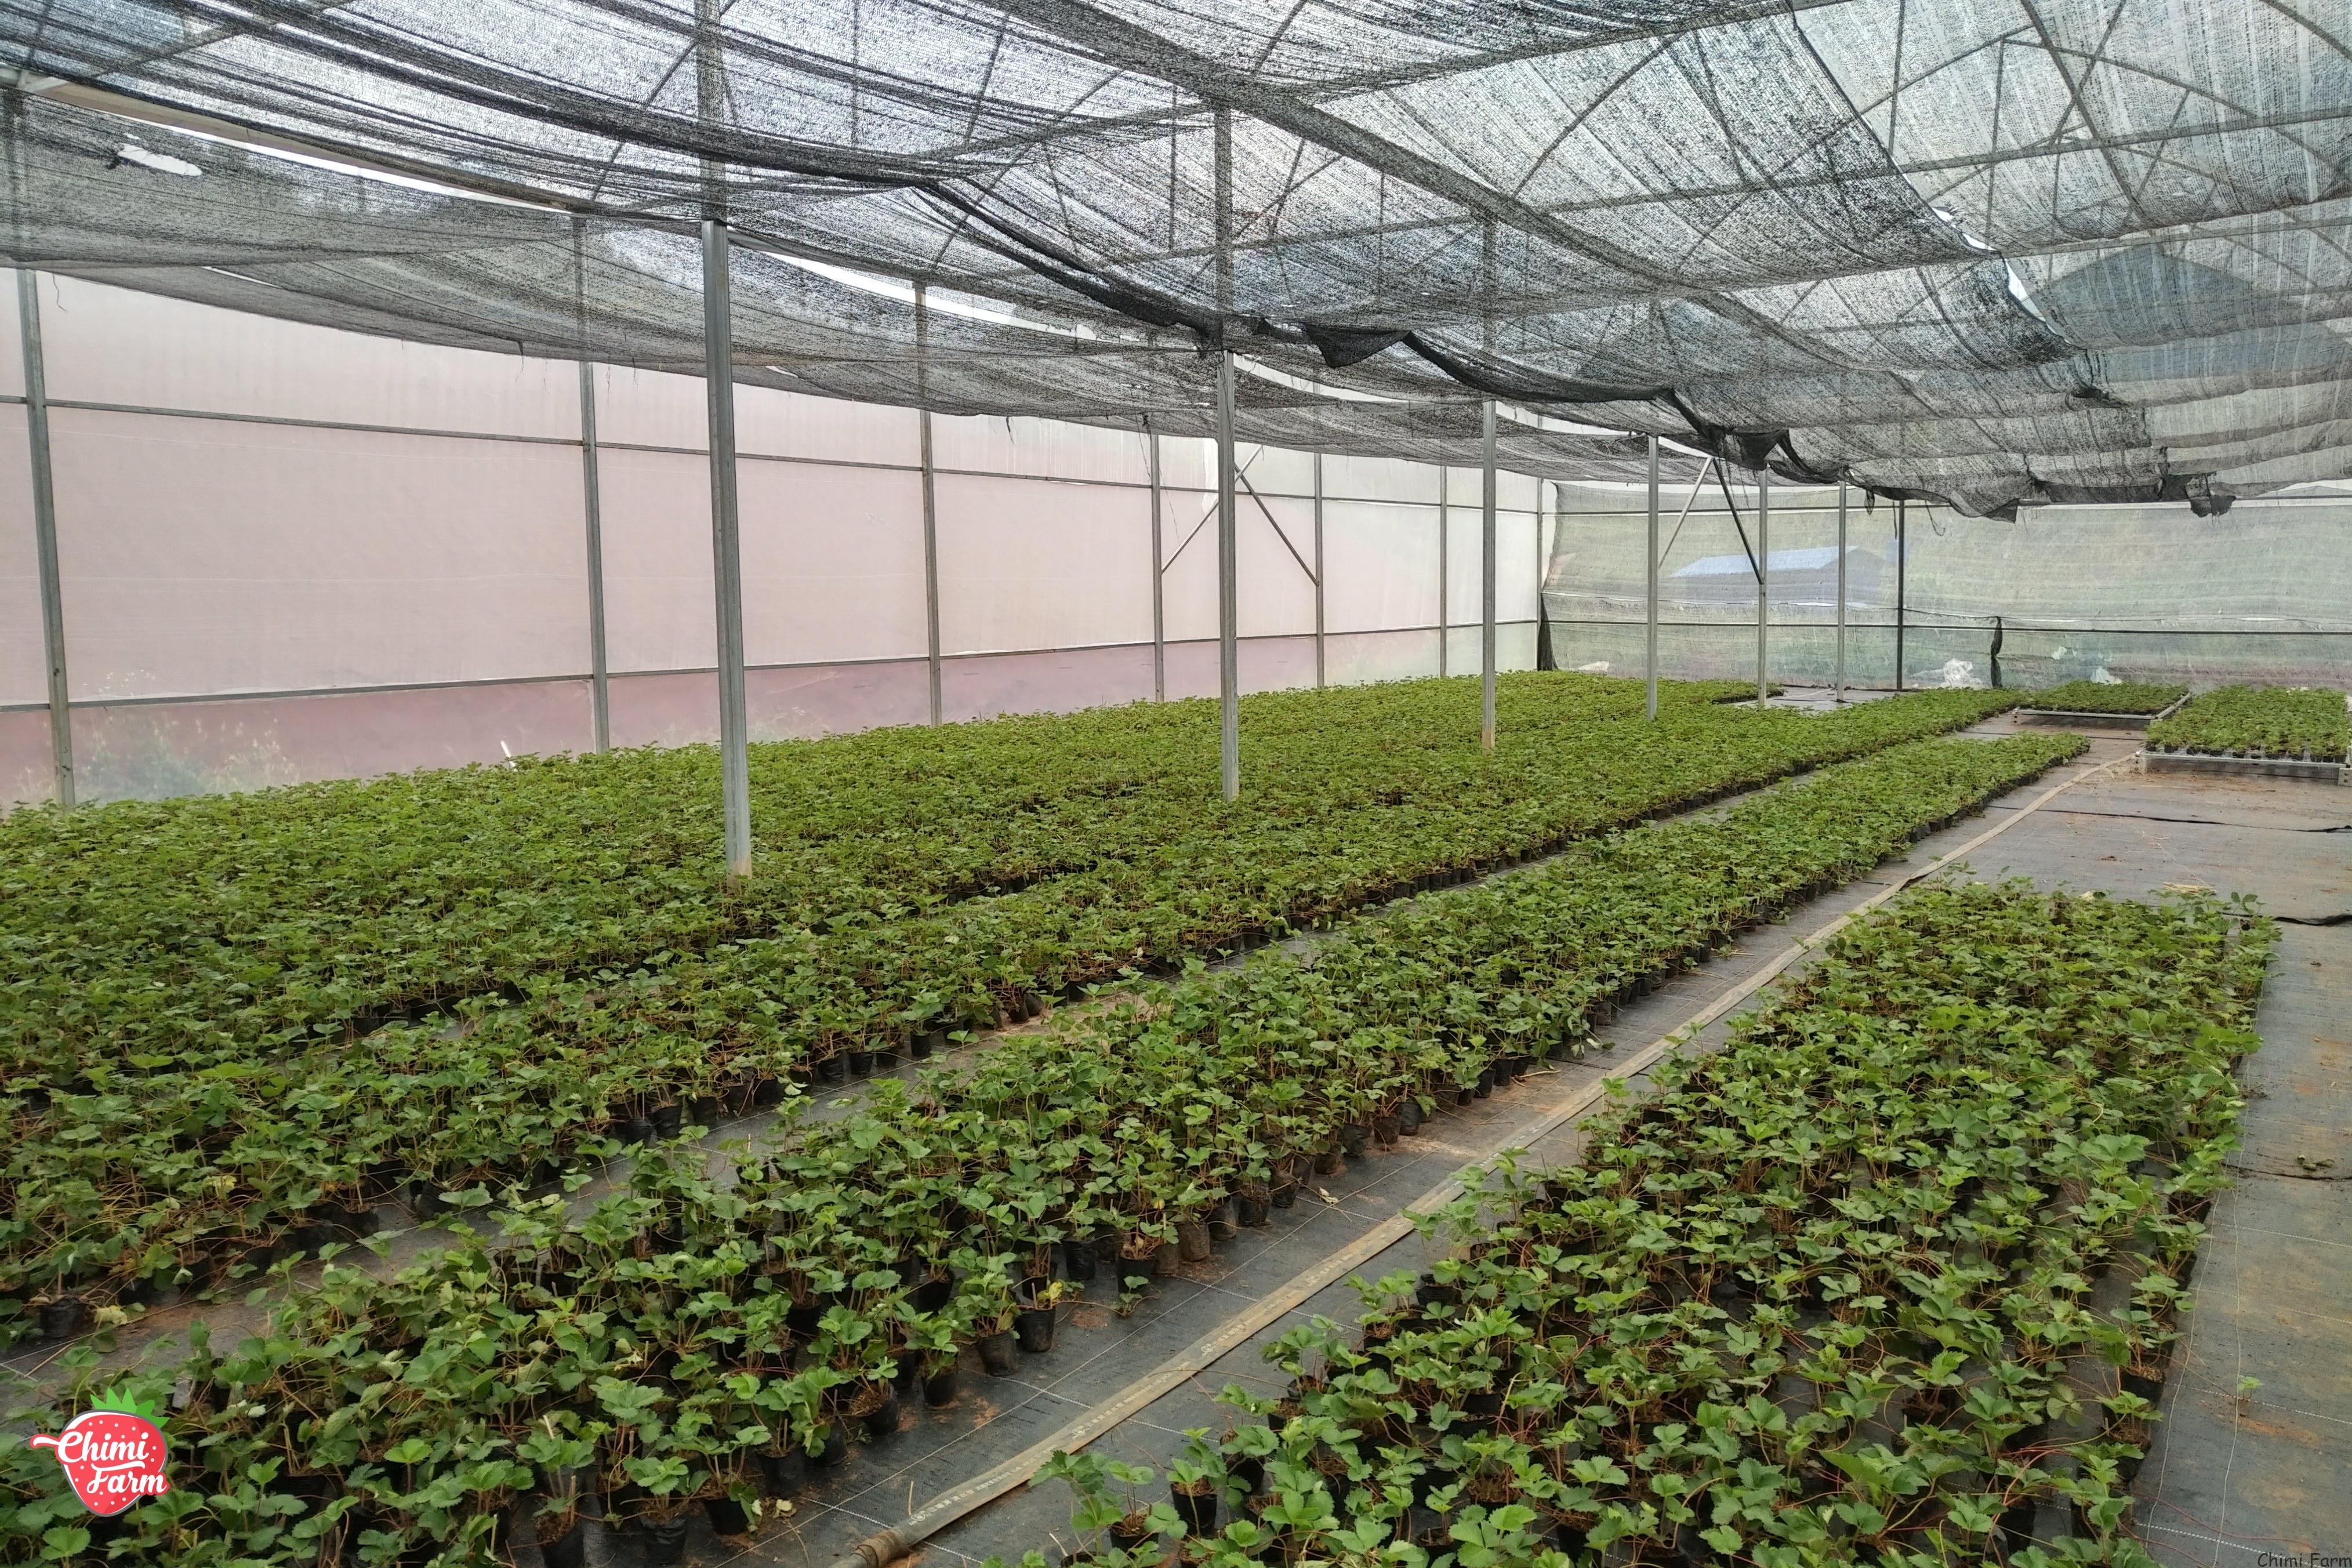 Mua cây giống dâu tây Mộc Châu ở đâu uy tín chất lượng